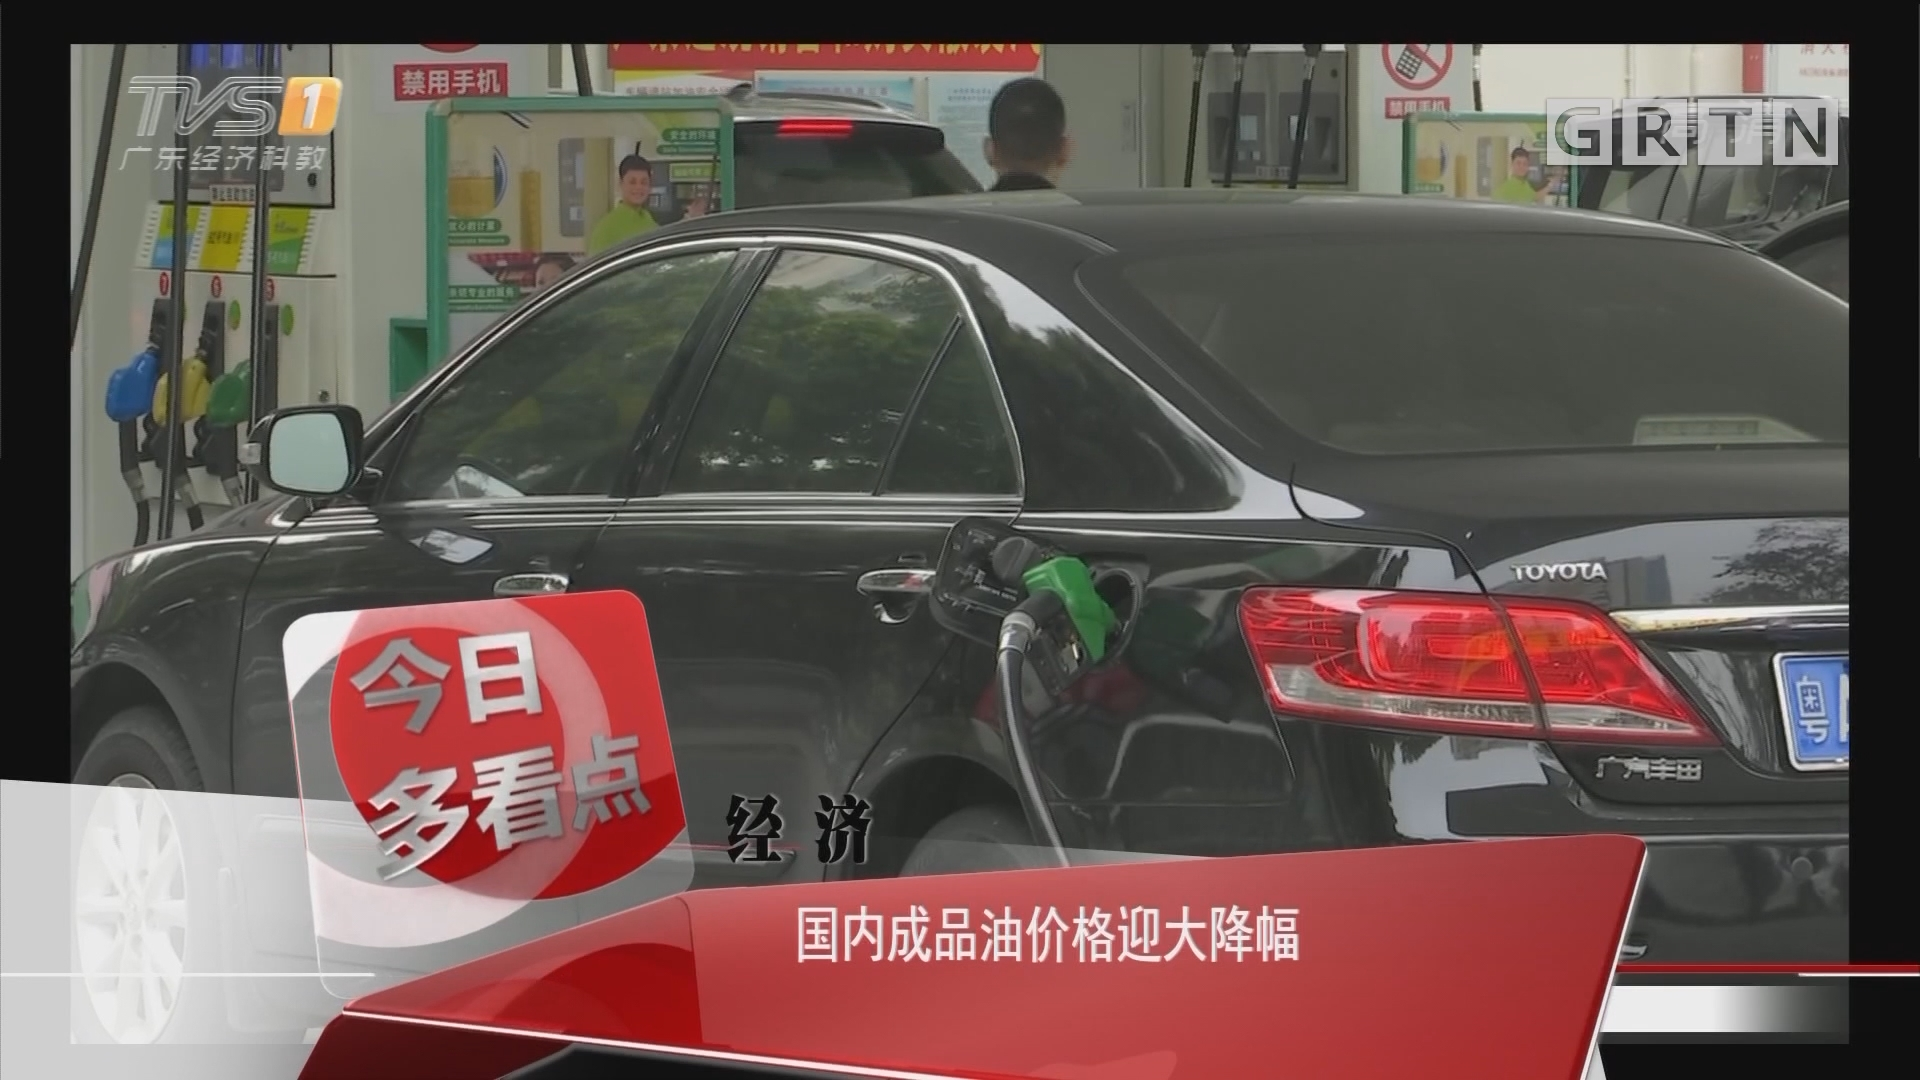 经济:国内成品油价格迎大降幅